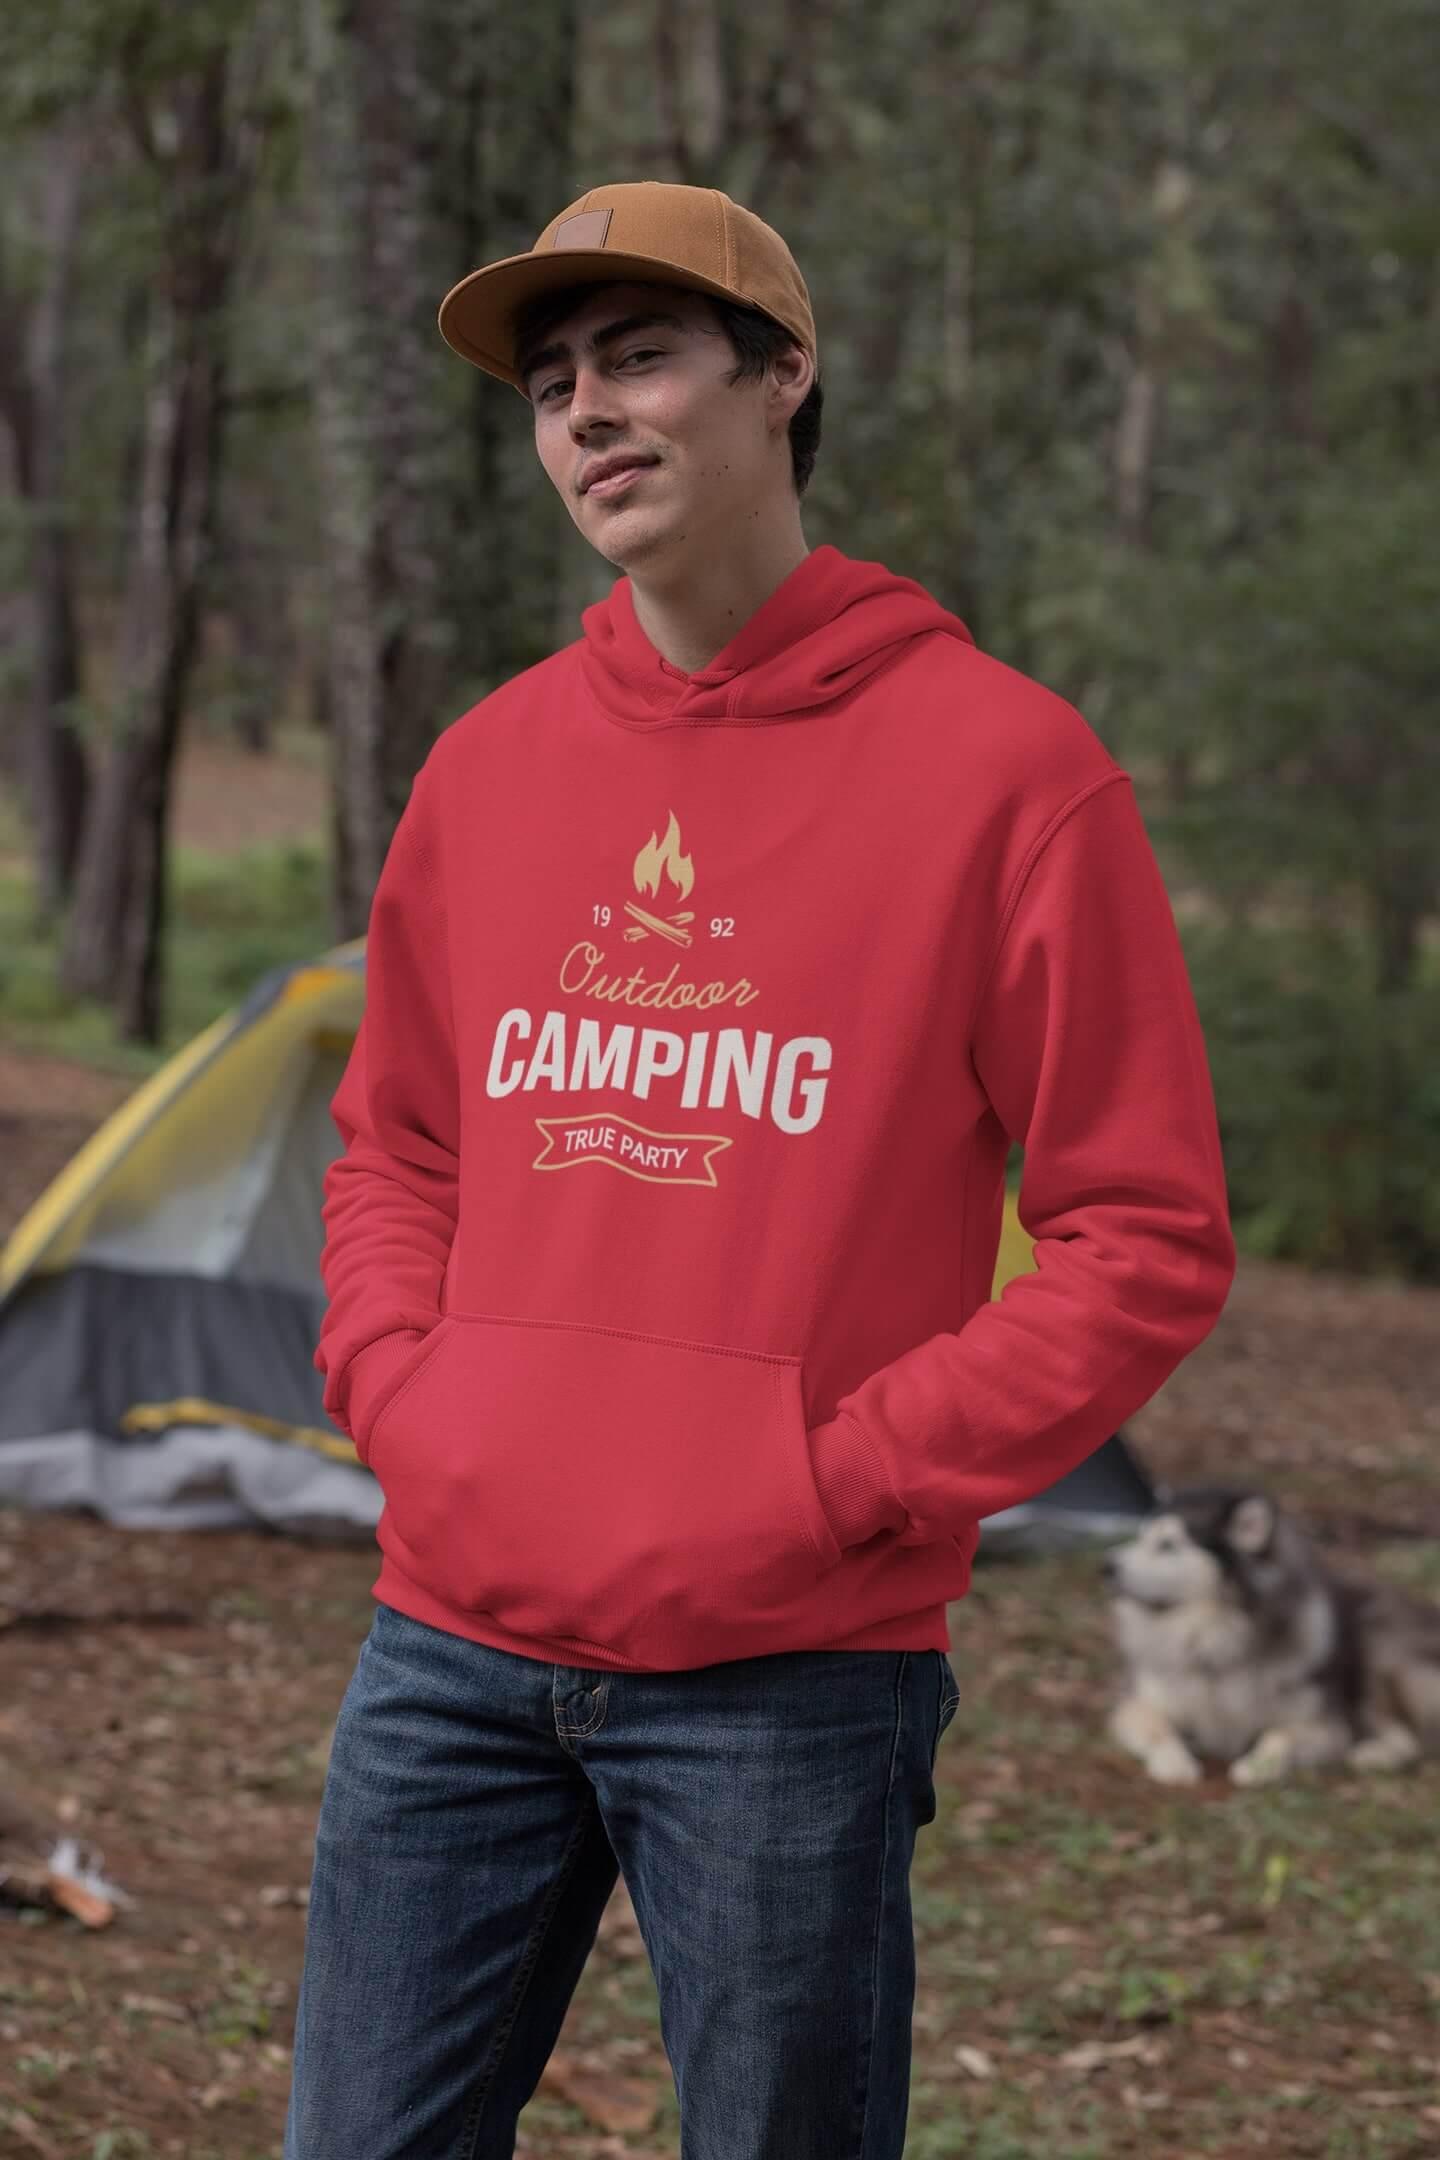 MMO Pánska mikina s kapucňou Camping Vyberte farbu: Červená, Vyberte veľkosť: M